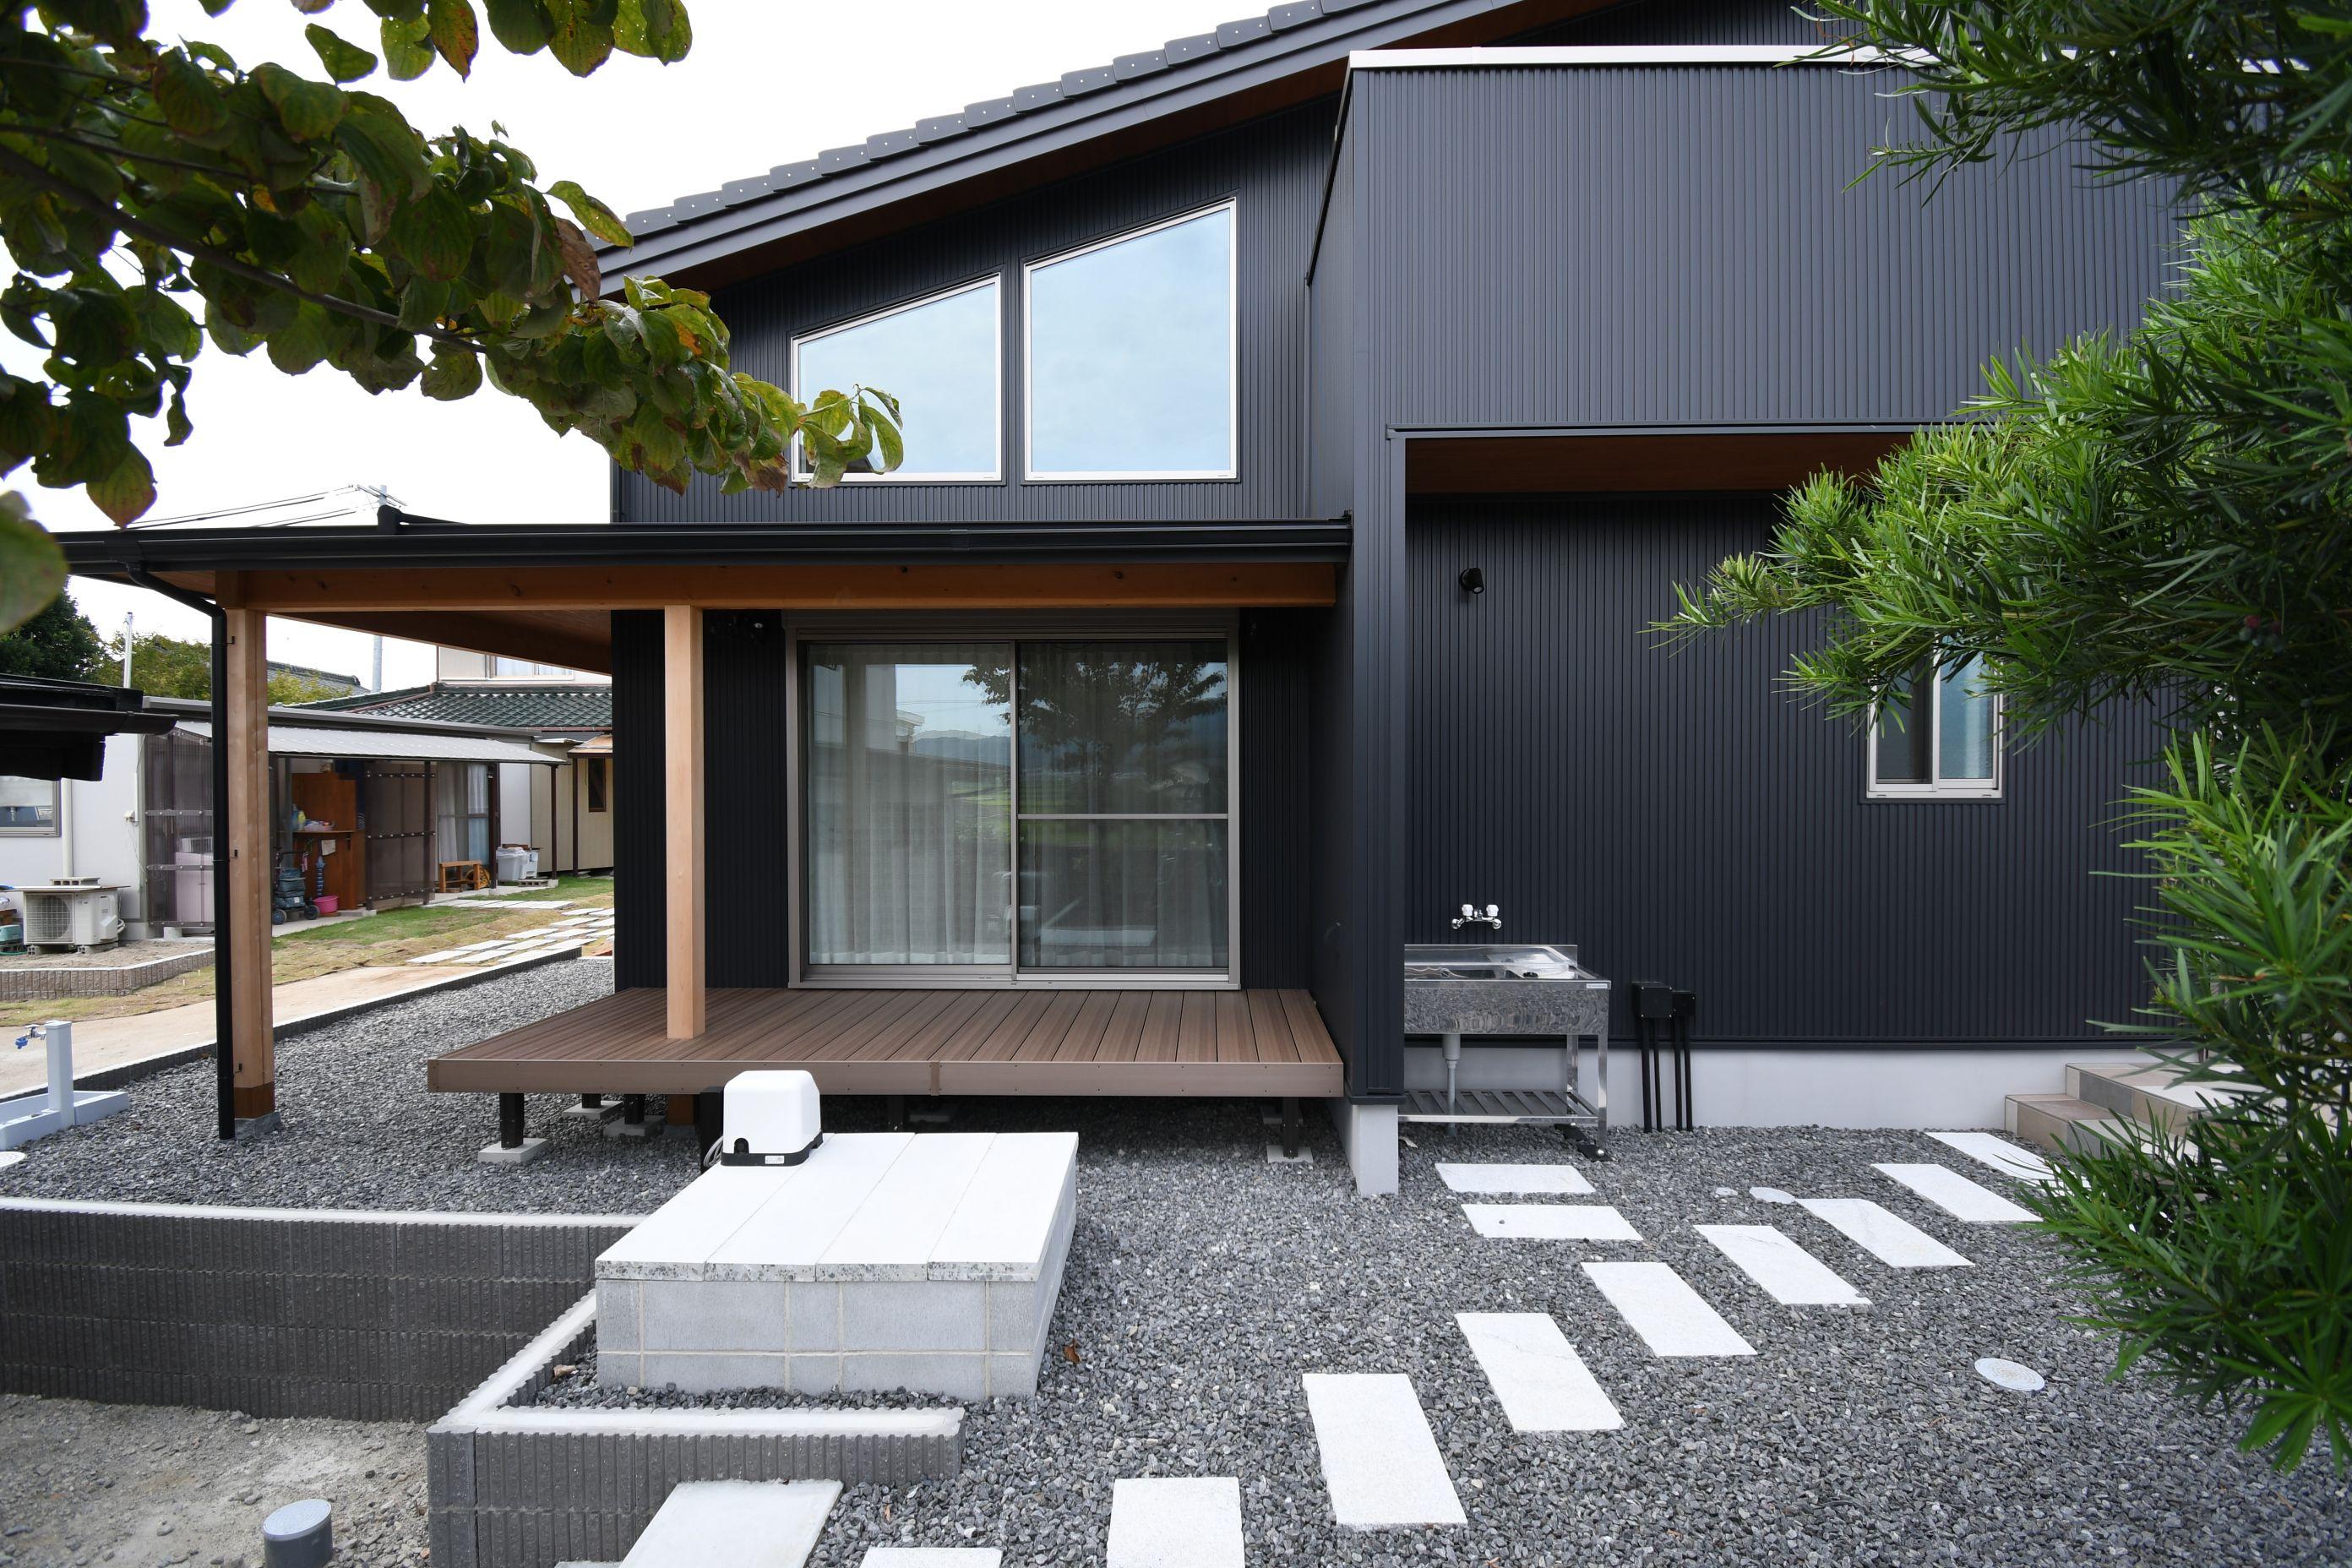 丸七建設興業【デザイン住宅、高級住宅、間取り】洗練されたデザインの外観。玄関に向かうアプローチが上質な時を刻む